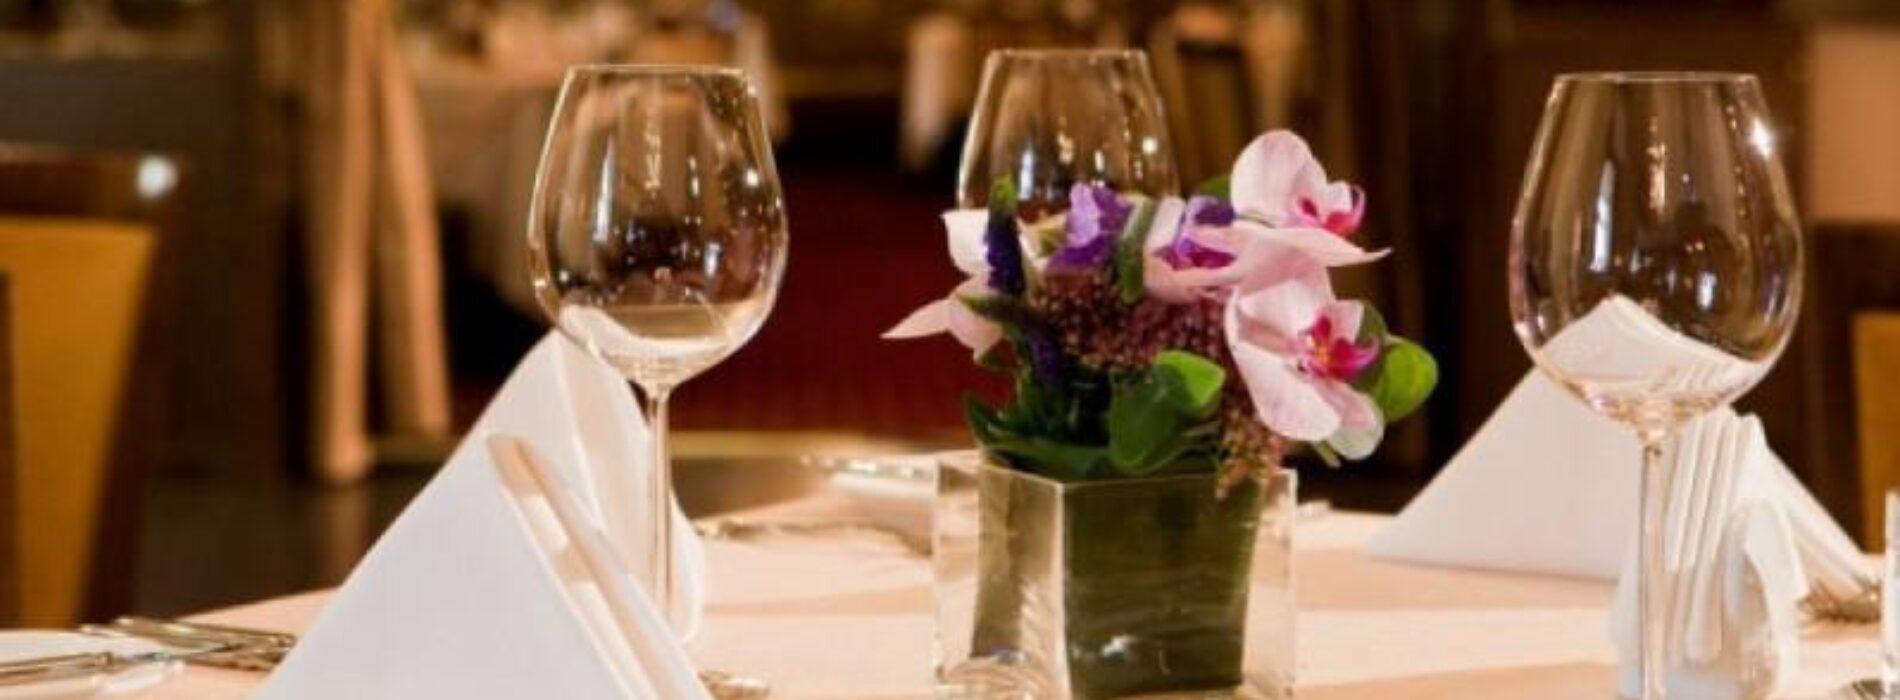 Перуашев заявил о вымогательствах при проверке ресторанов в карантин